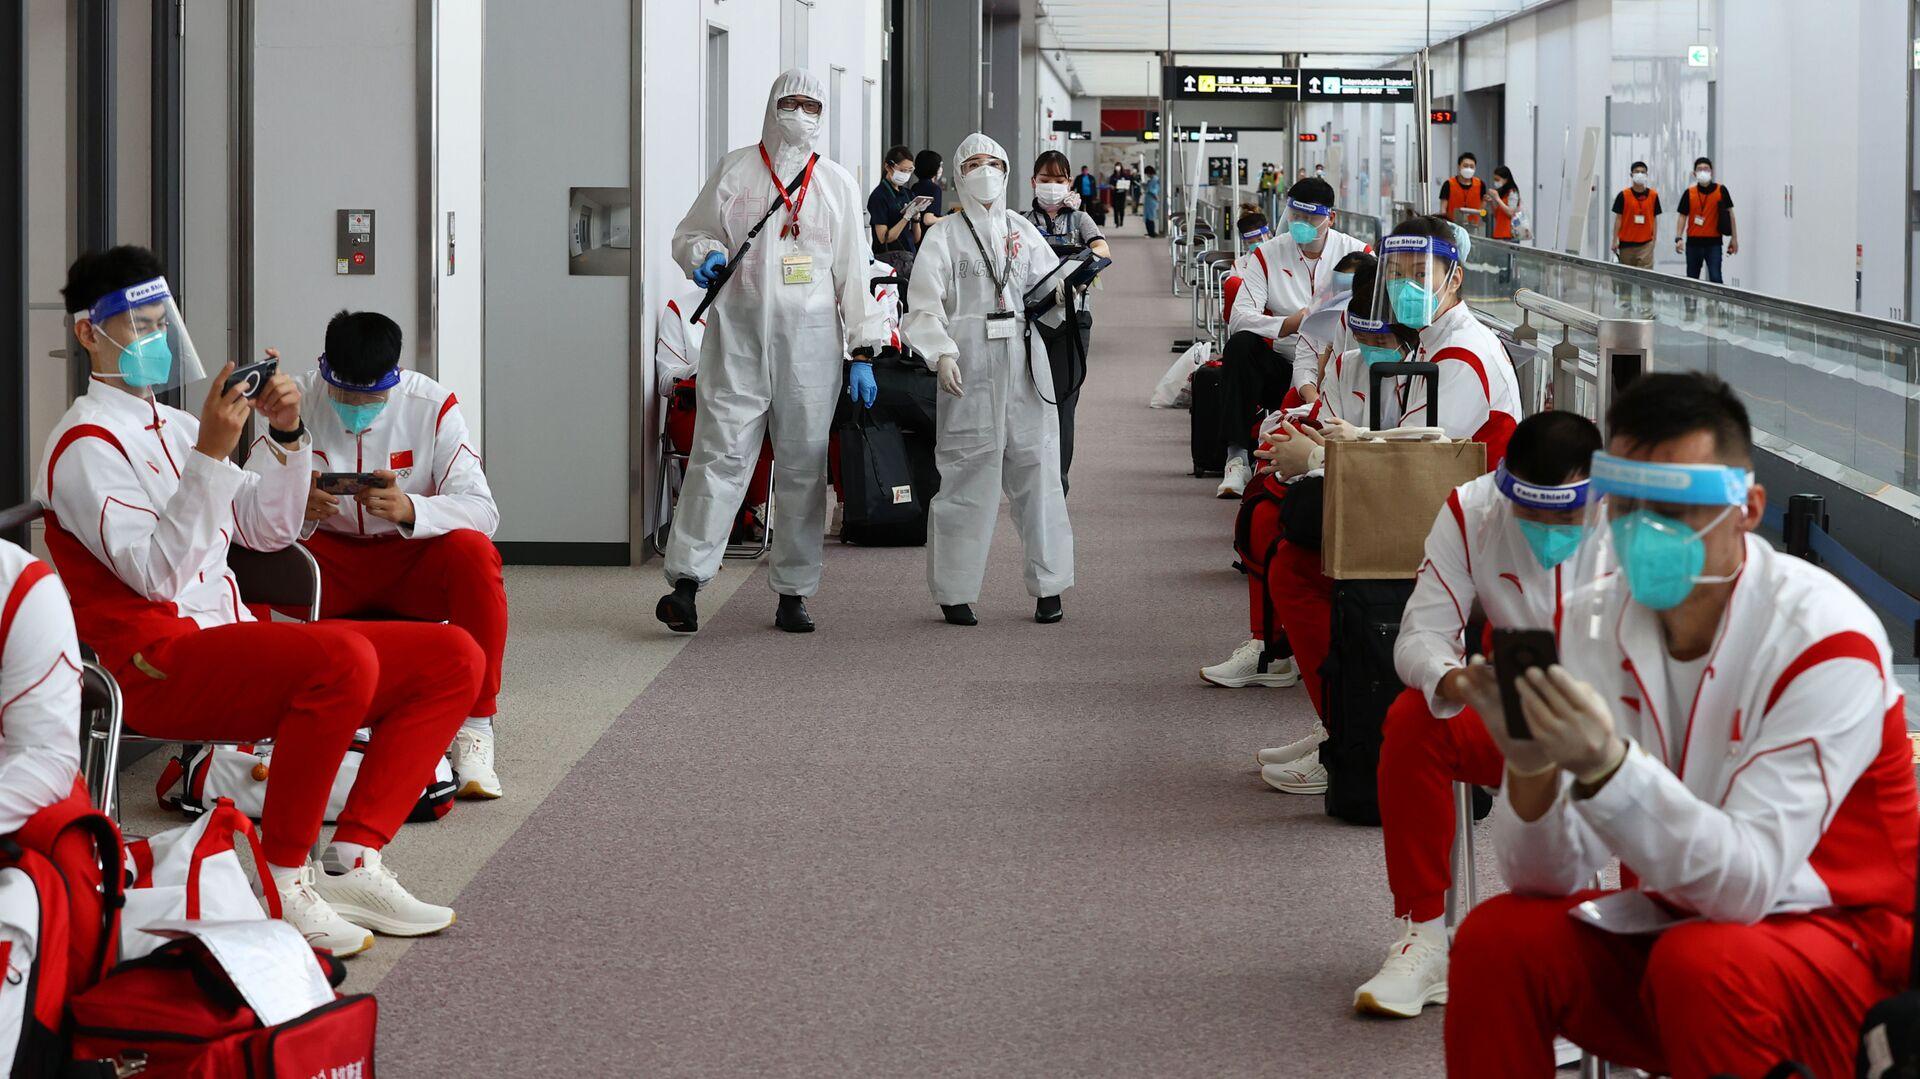 Сотрудники в защитных костюмах и сборная Китая в аэропорту Нарита  - Sputnik Italia, 1920, 28.07.2021